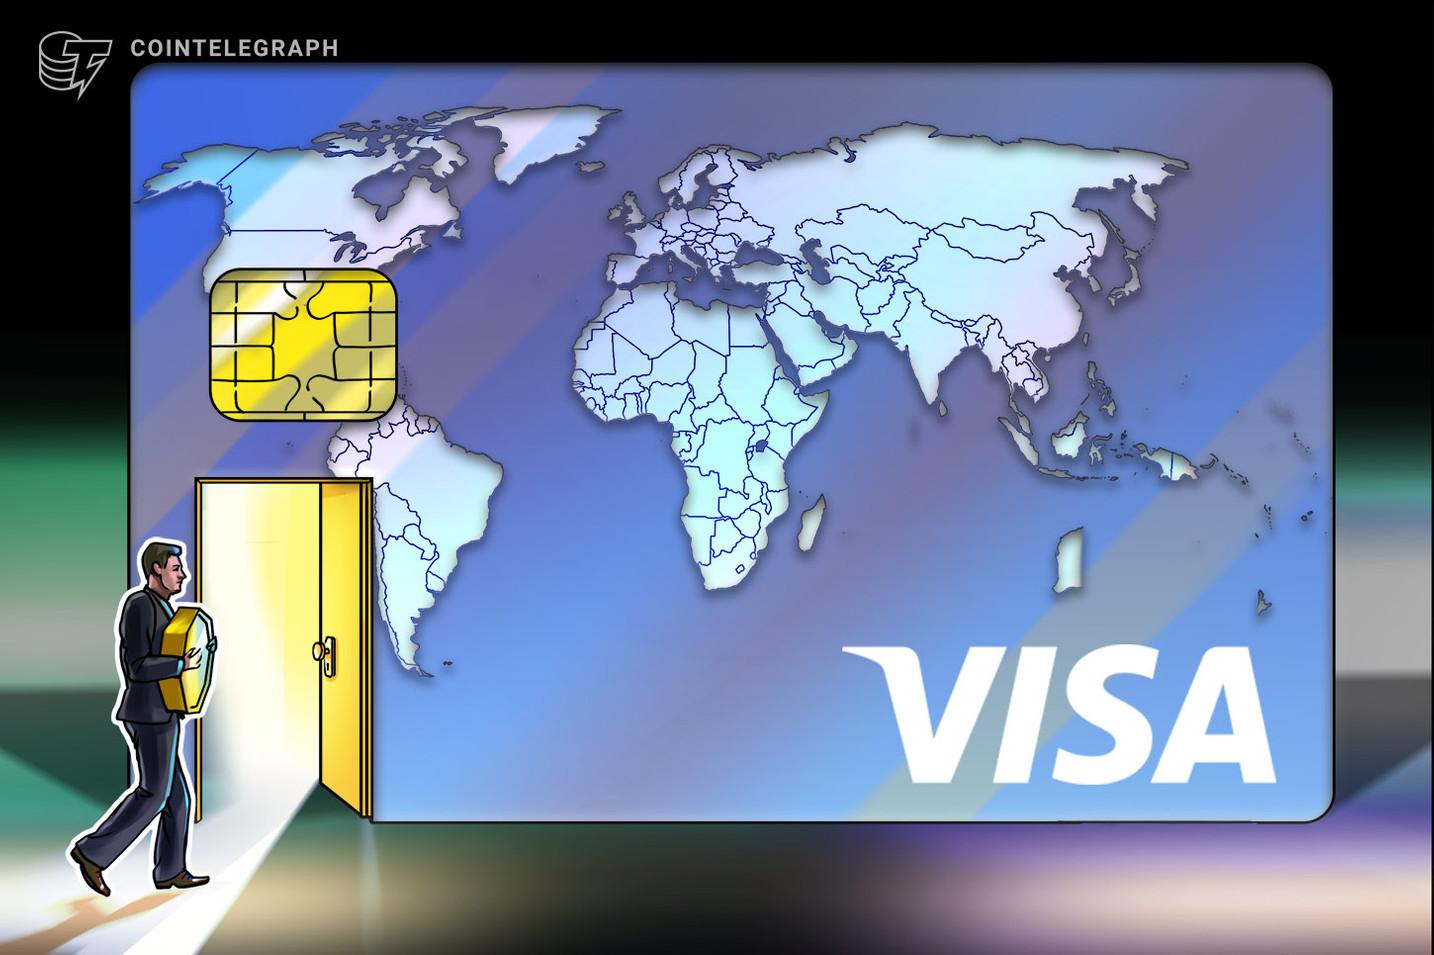 Visa informa mais de R$ 5,25 bilhões em gastos com cripto no primeiro semestre